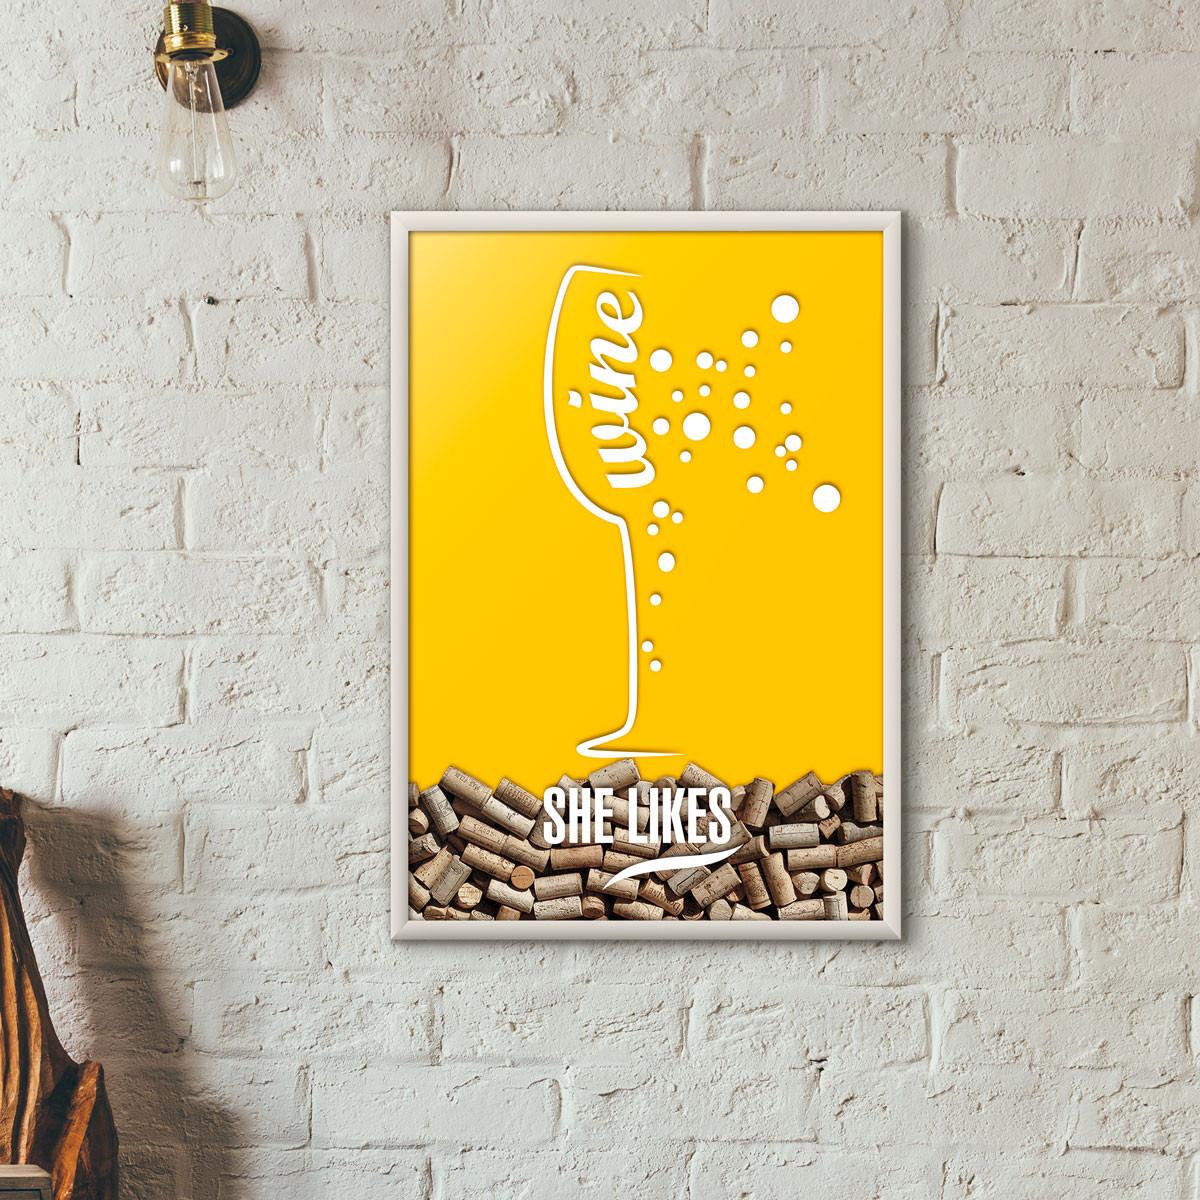 Quadro Porta Rolhas de Vinho - She Likes - Amarelo